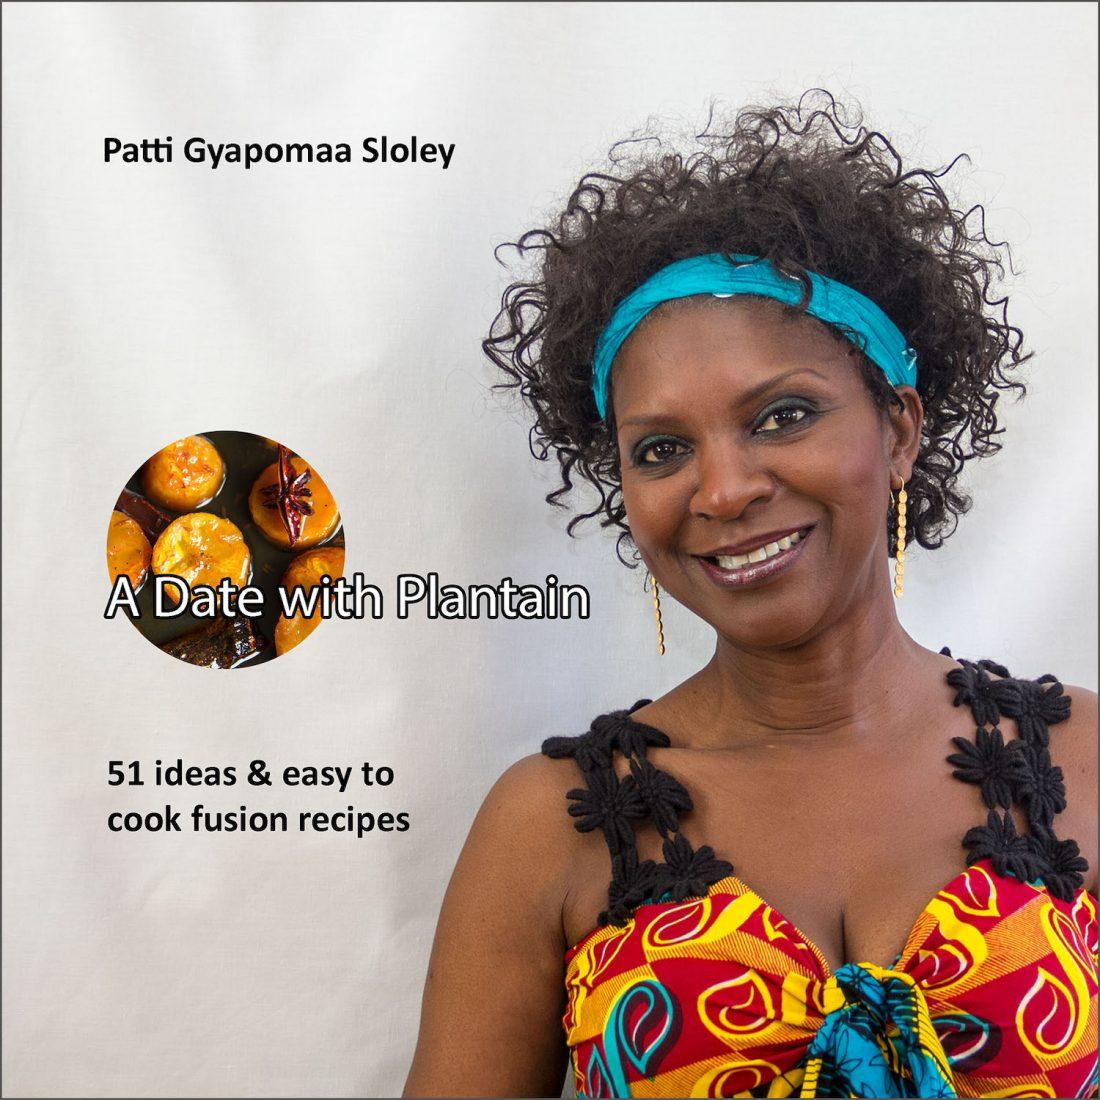 Chef Patti